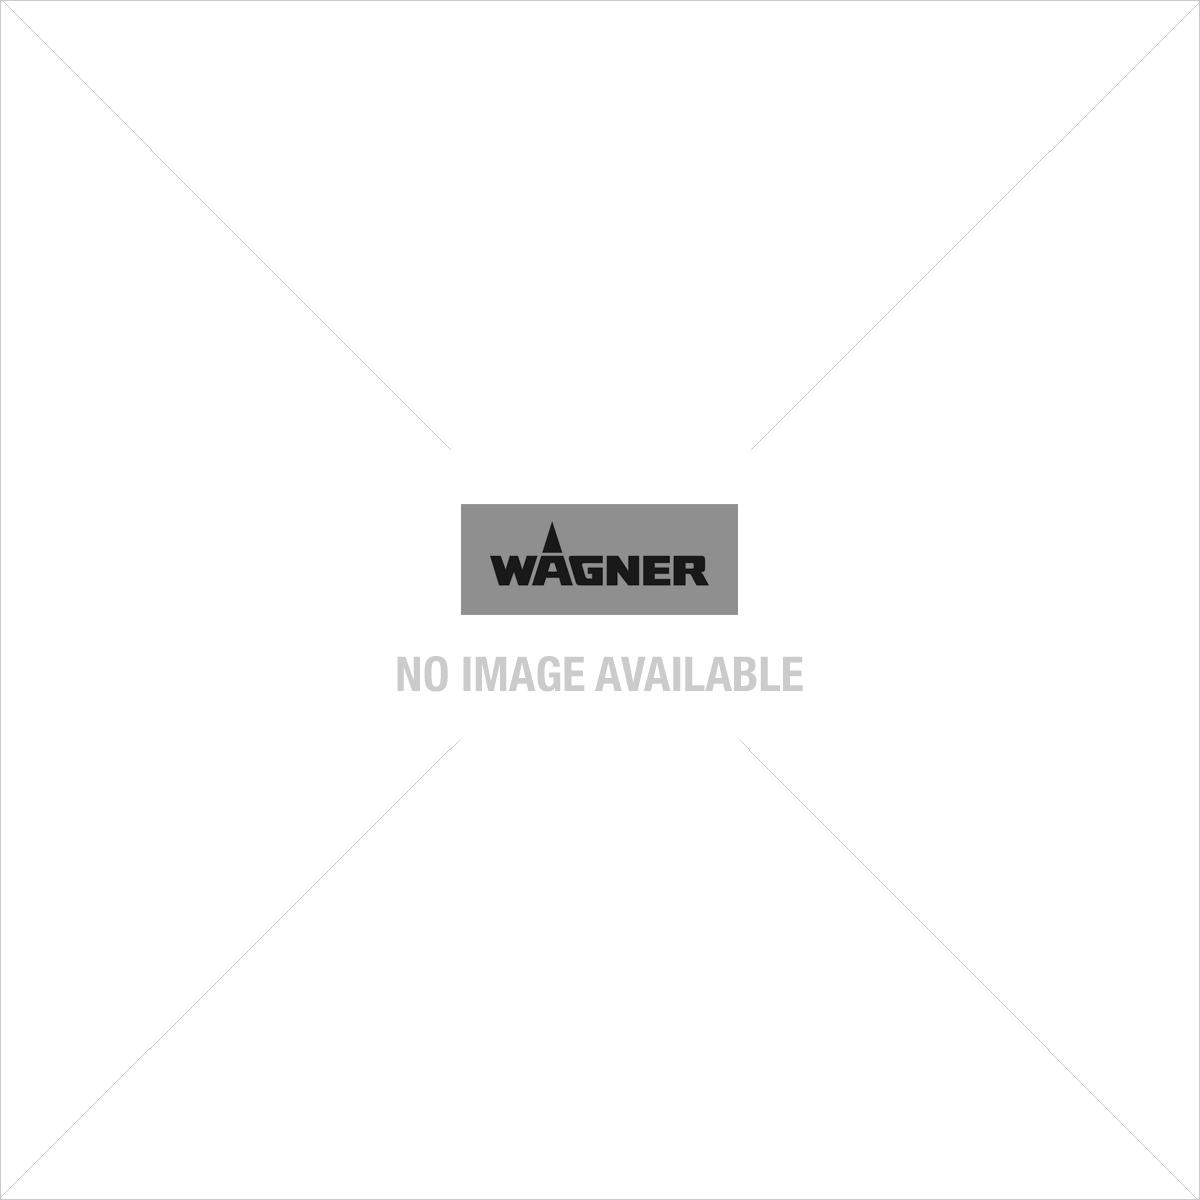 Materialbehälter 600ml, W 150